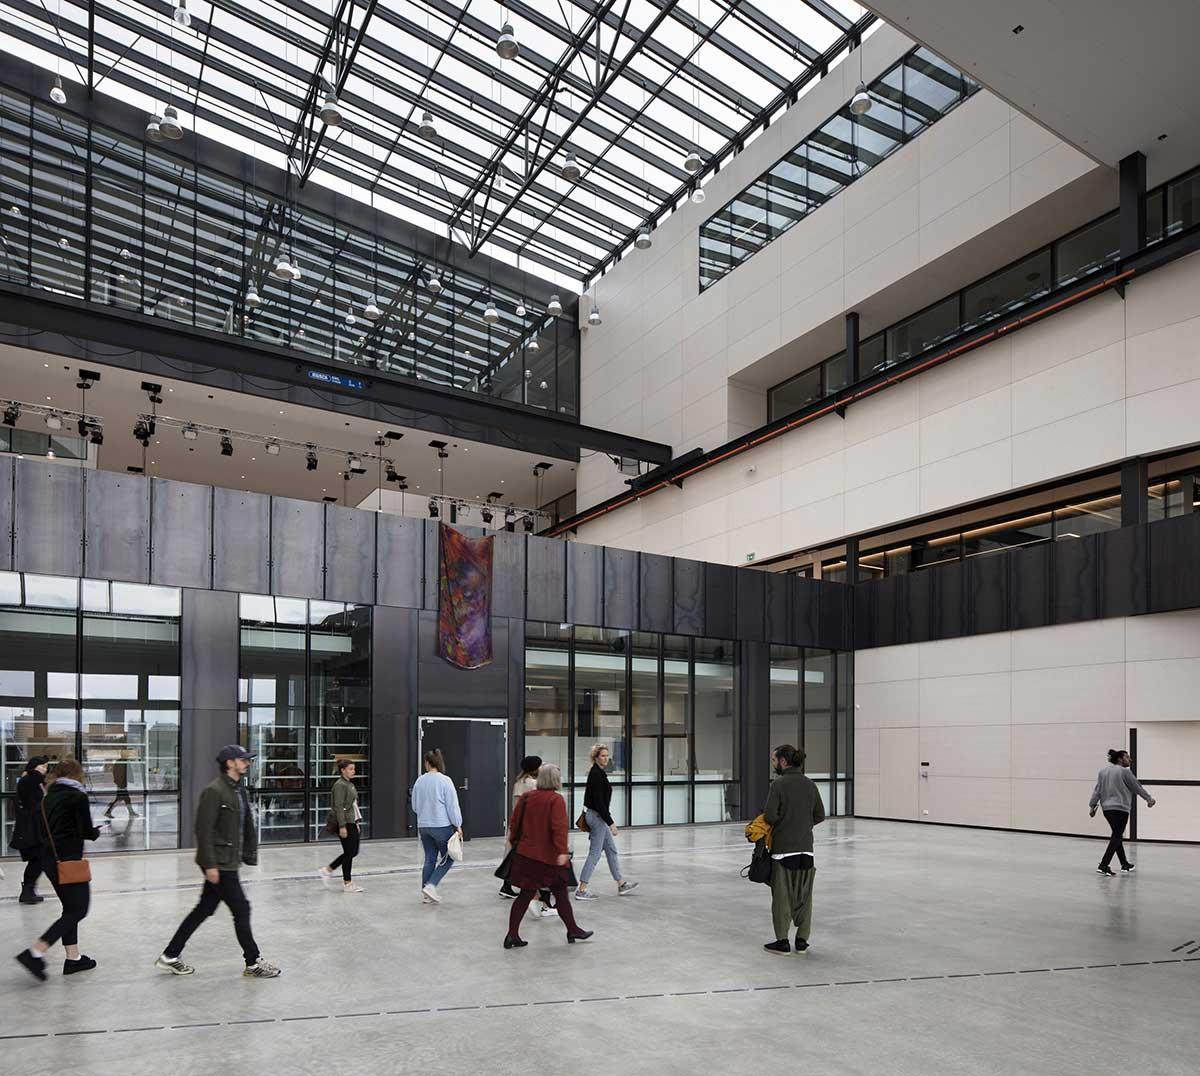 طراحی سالن نمایشگاه به شکل کامل در حوزه عمومی دانشکده قرار گرفته تا رخدادهای نمایشگاهی و گالری در معرض دید همه مردم باشد.